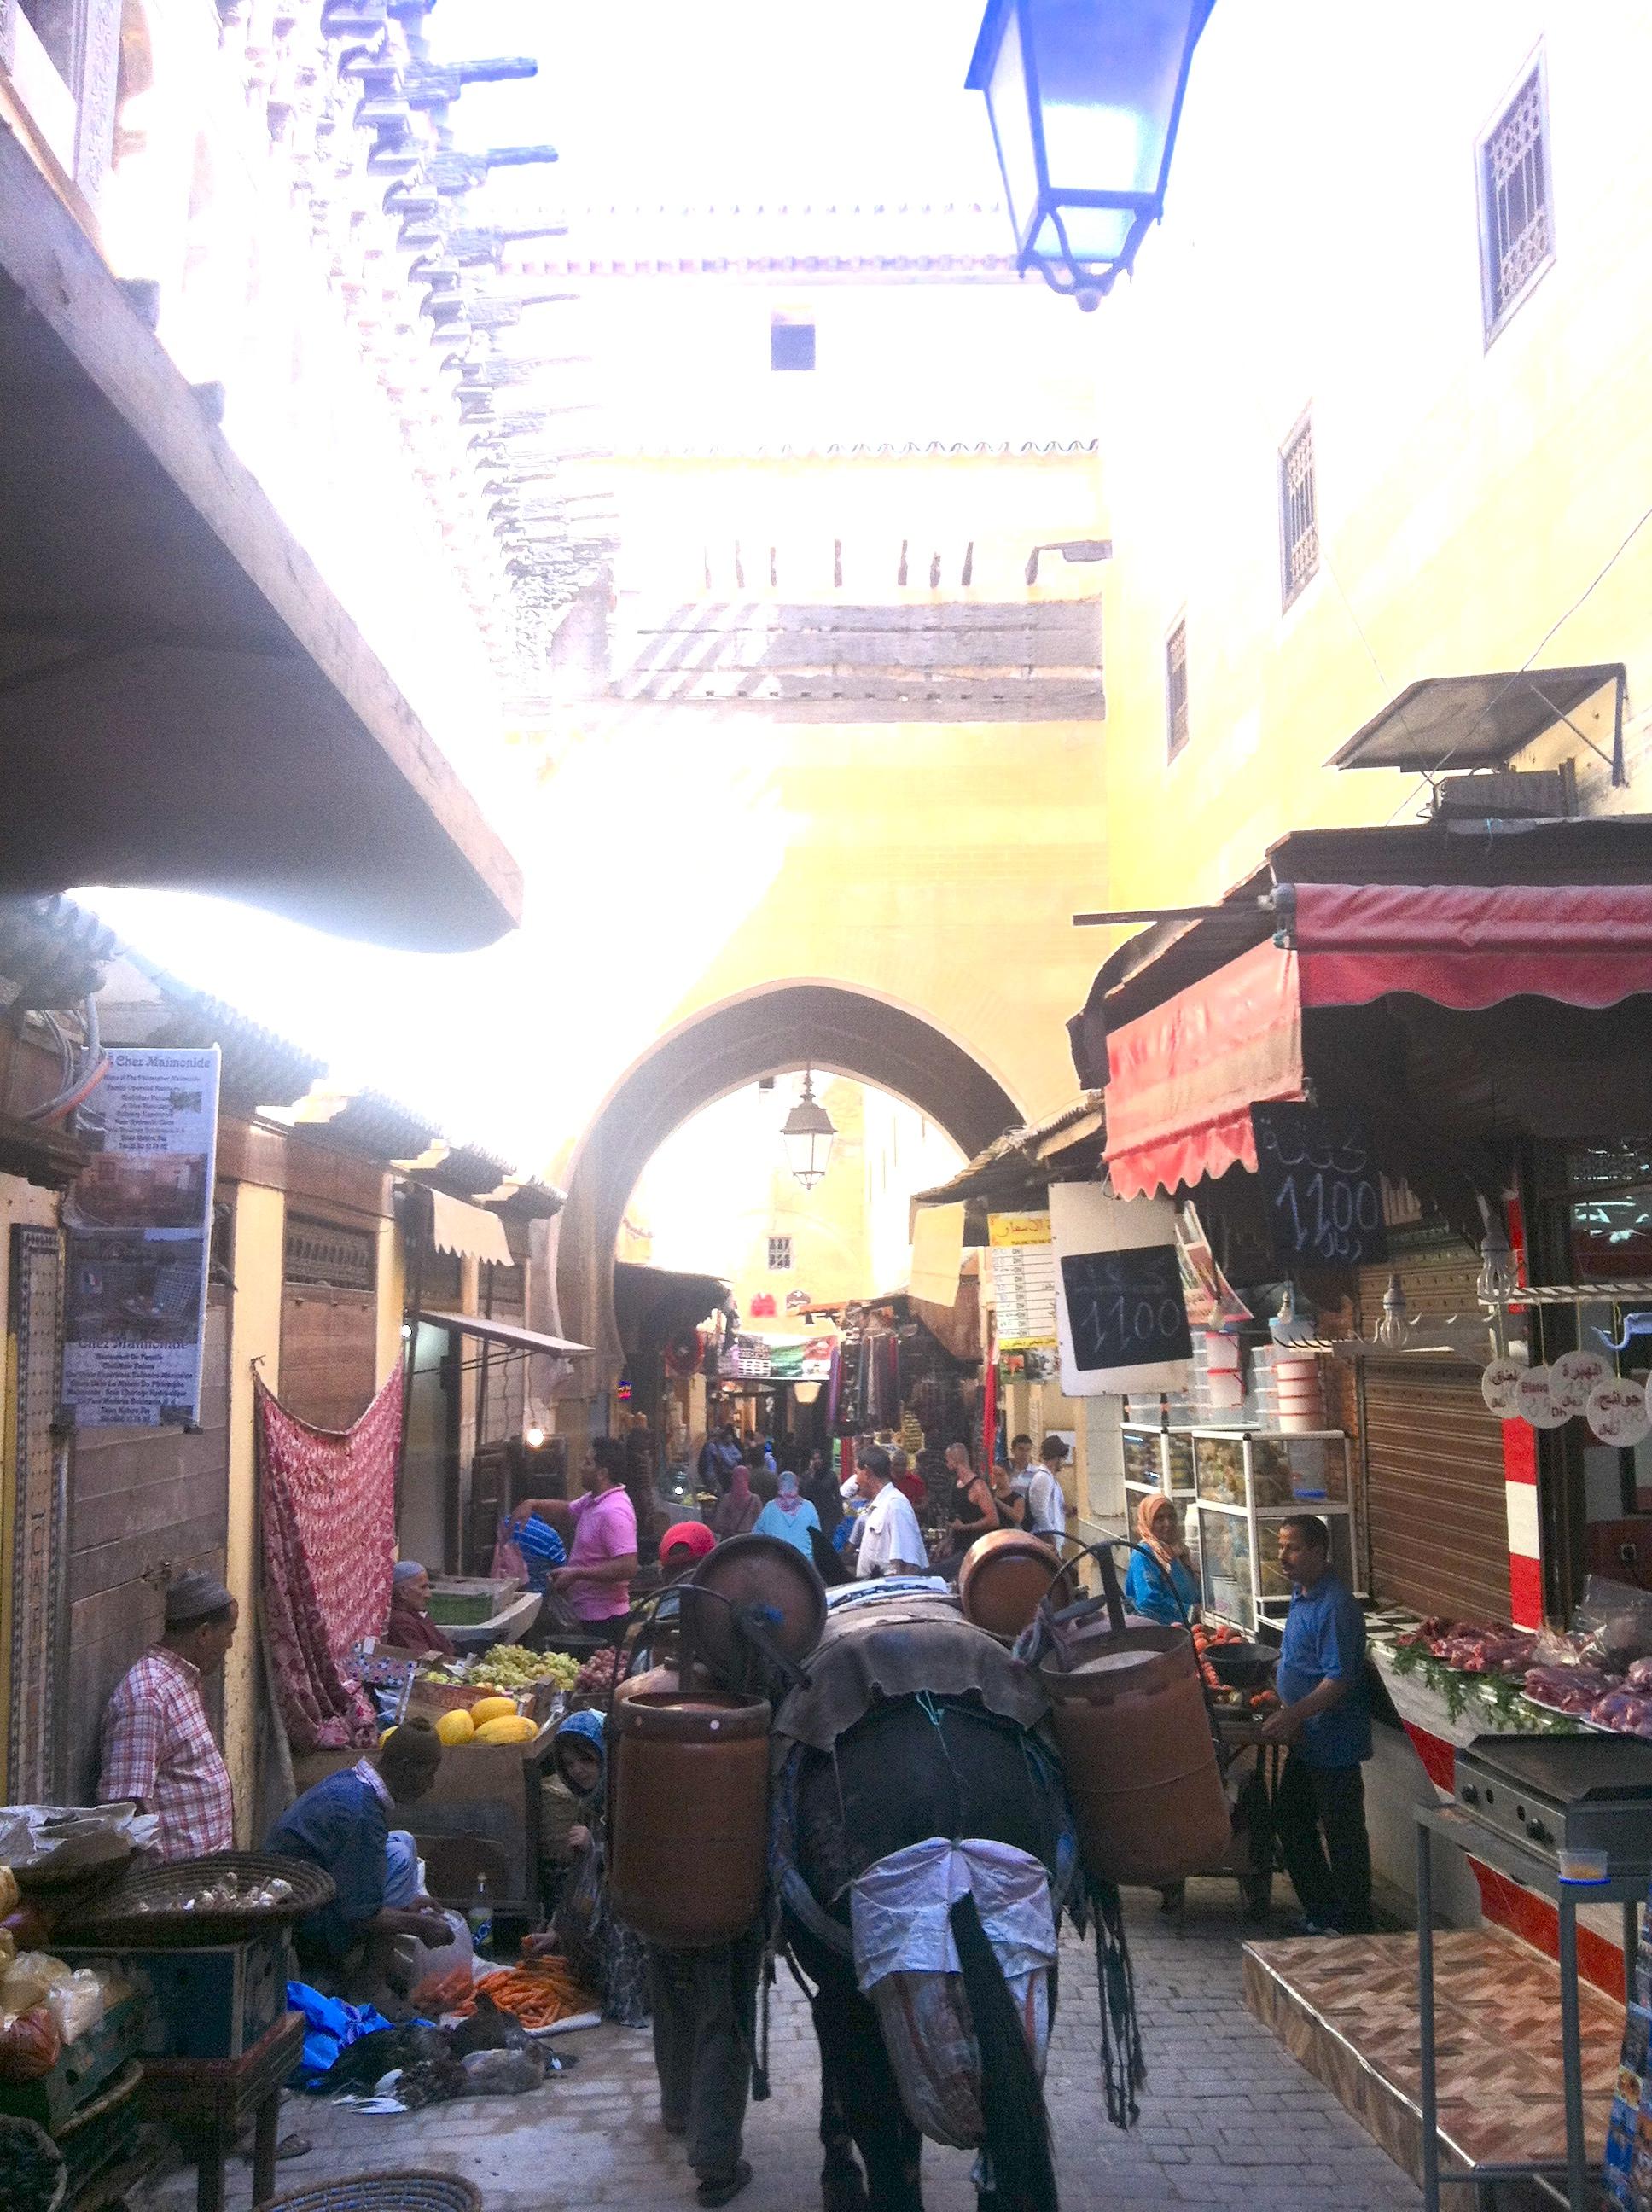 Medina in Fez